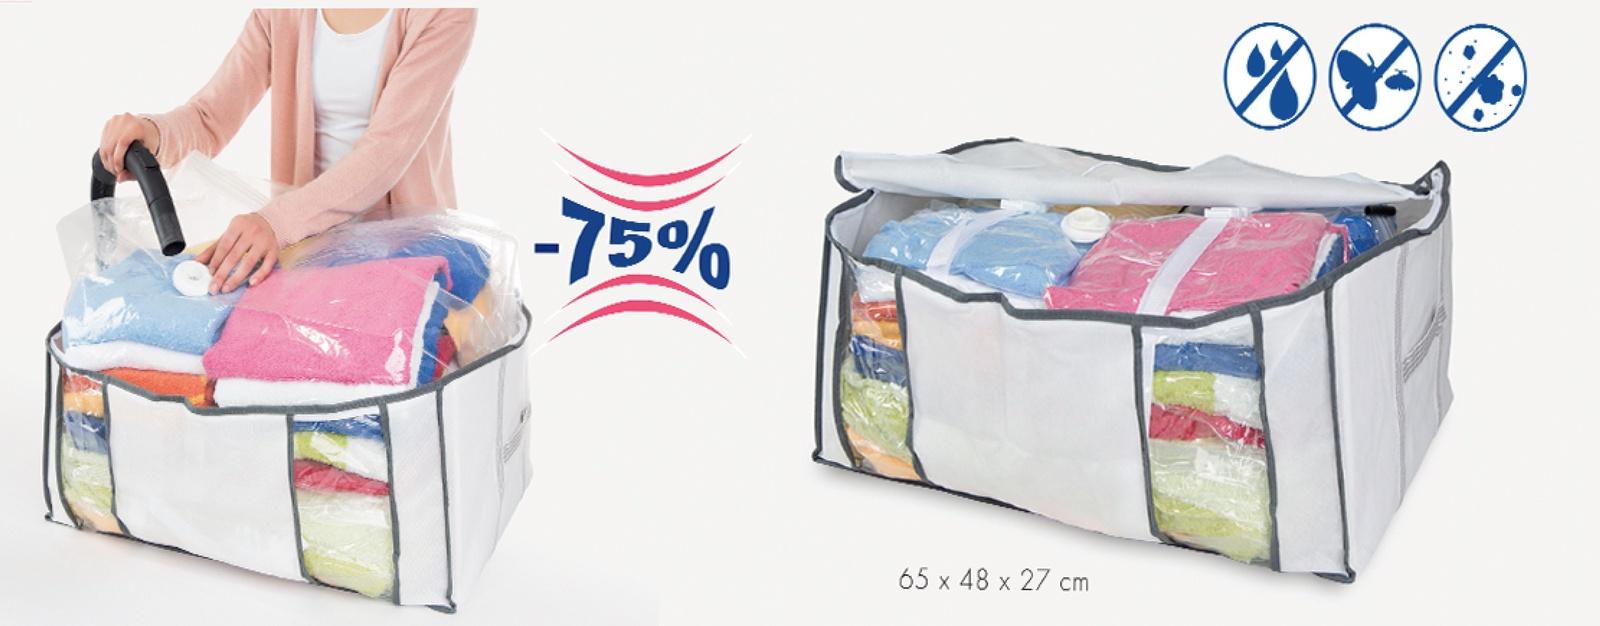 купить Набор для хранения вещей Bella Casa «Multi», цвет: белый, 65x48x27 см. AZ25513 по цене 2843 рублей